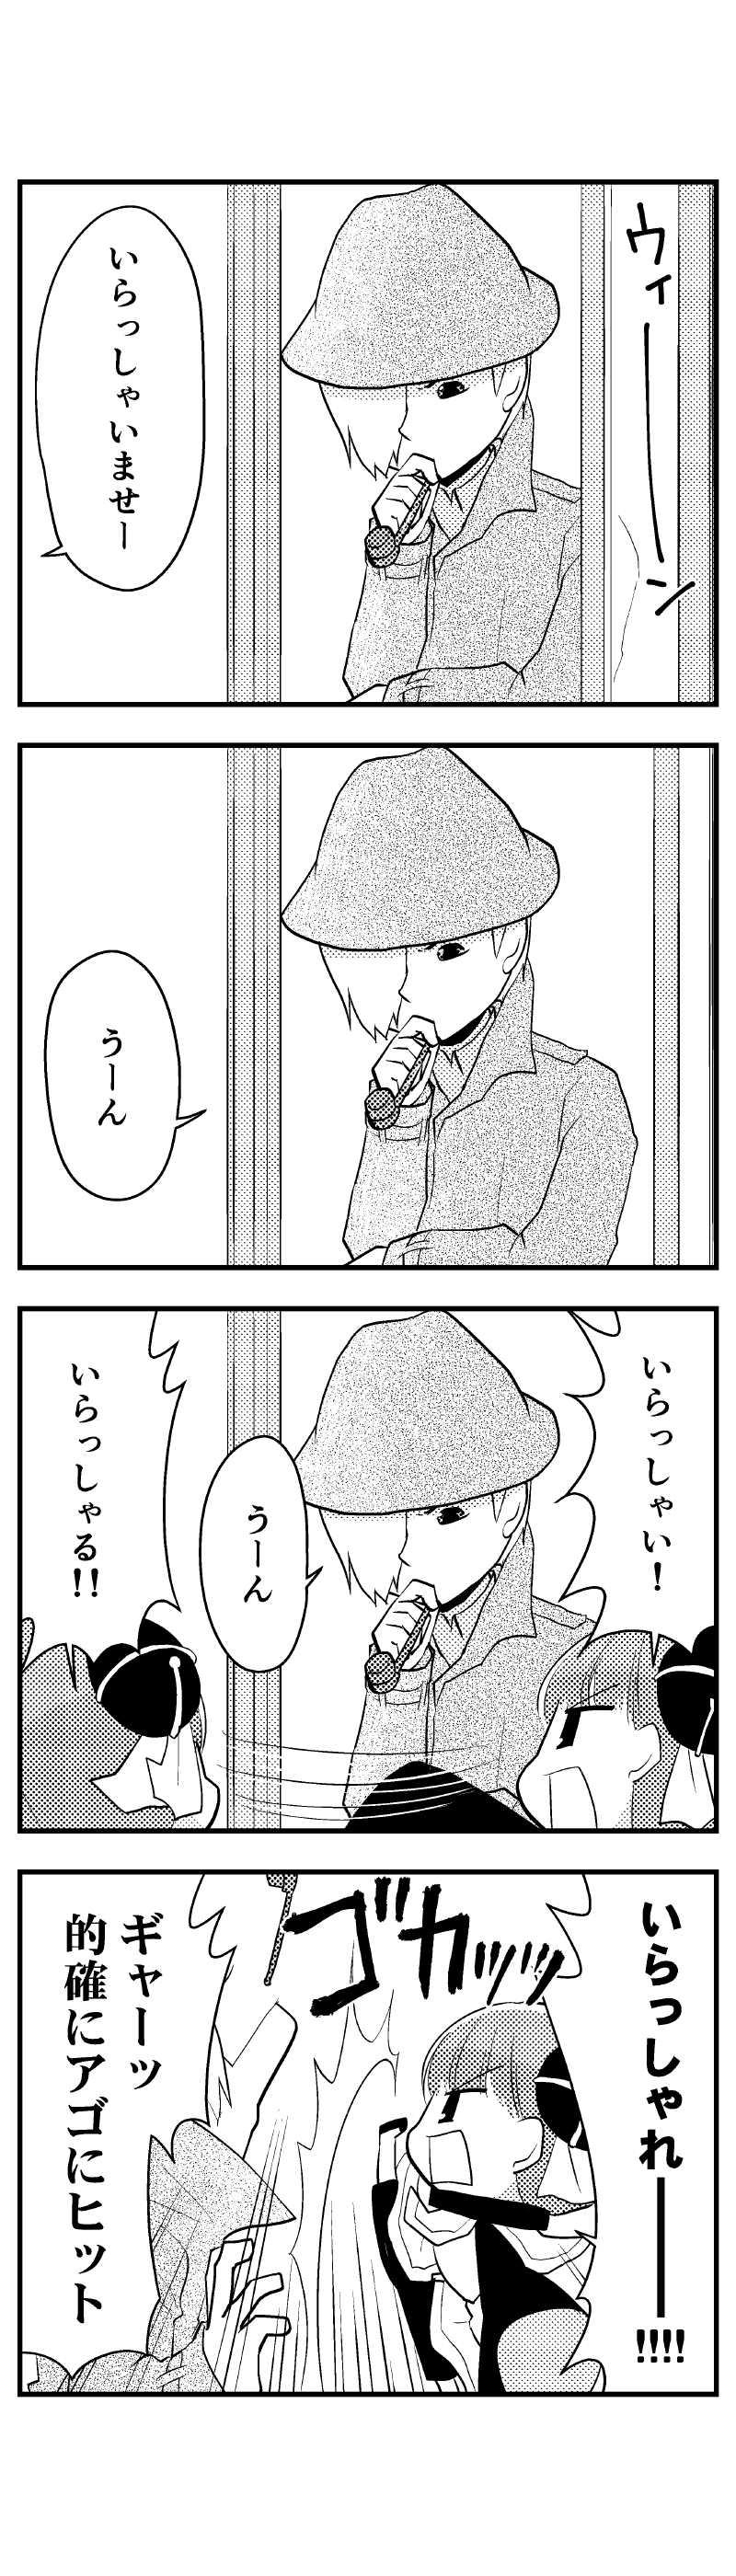 065 探偵事件